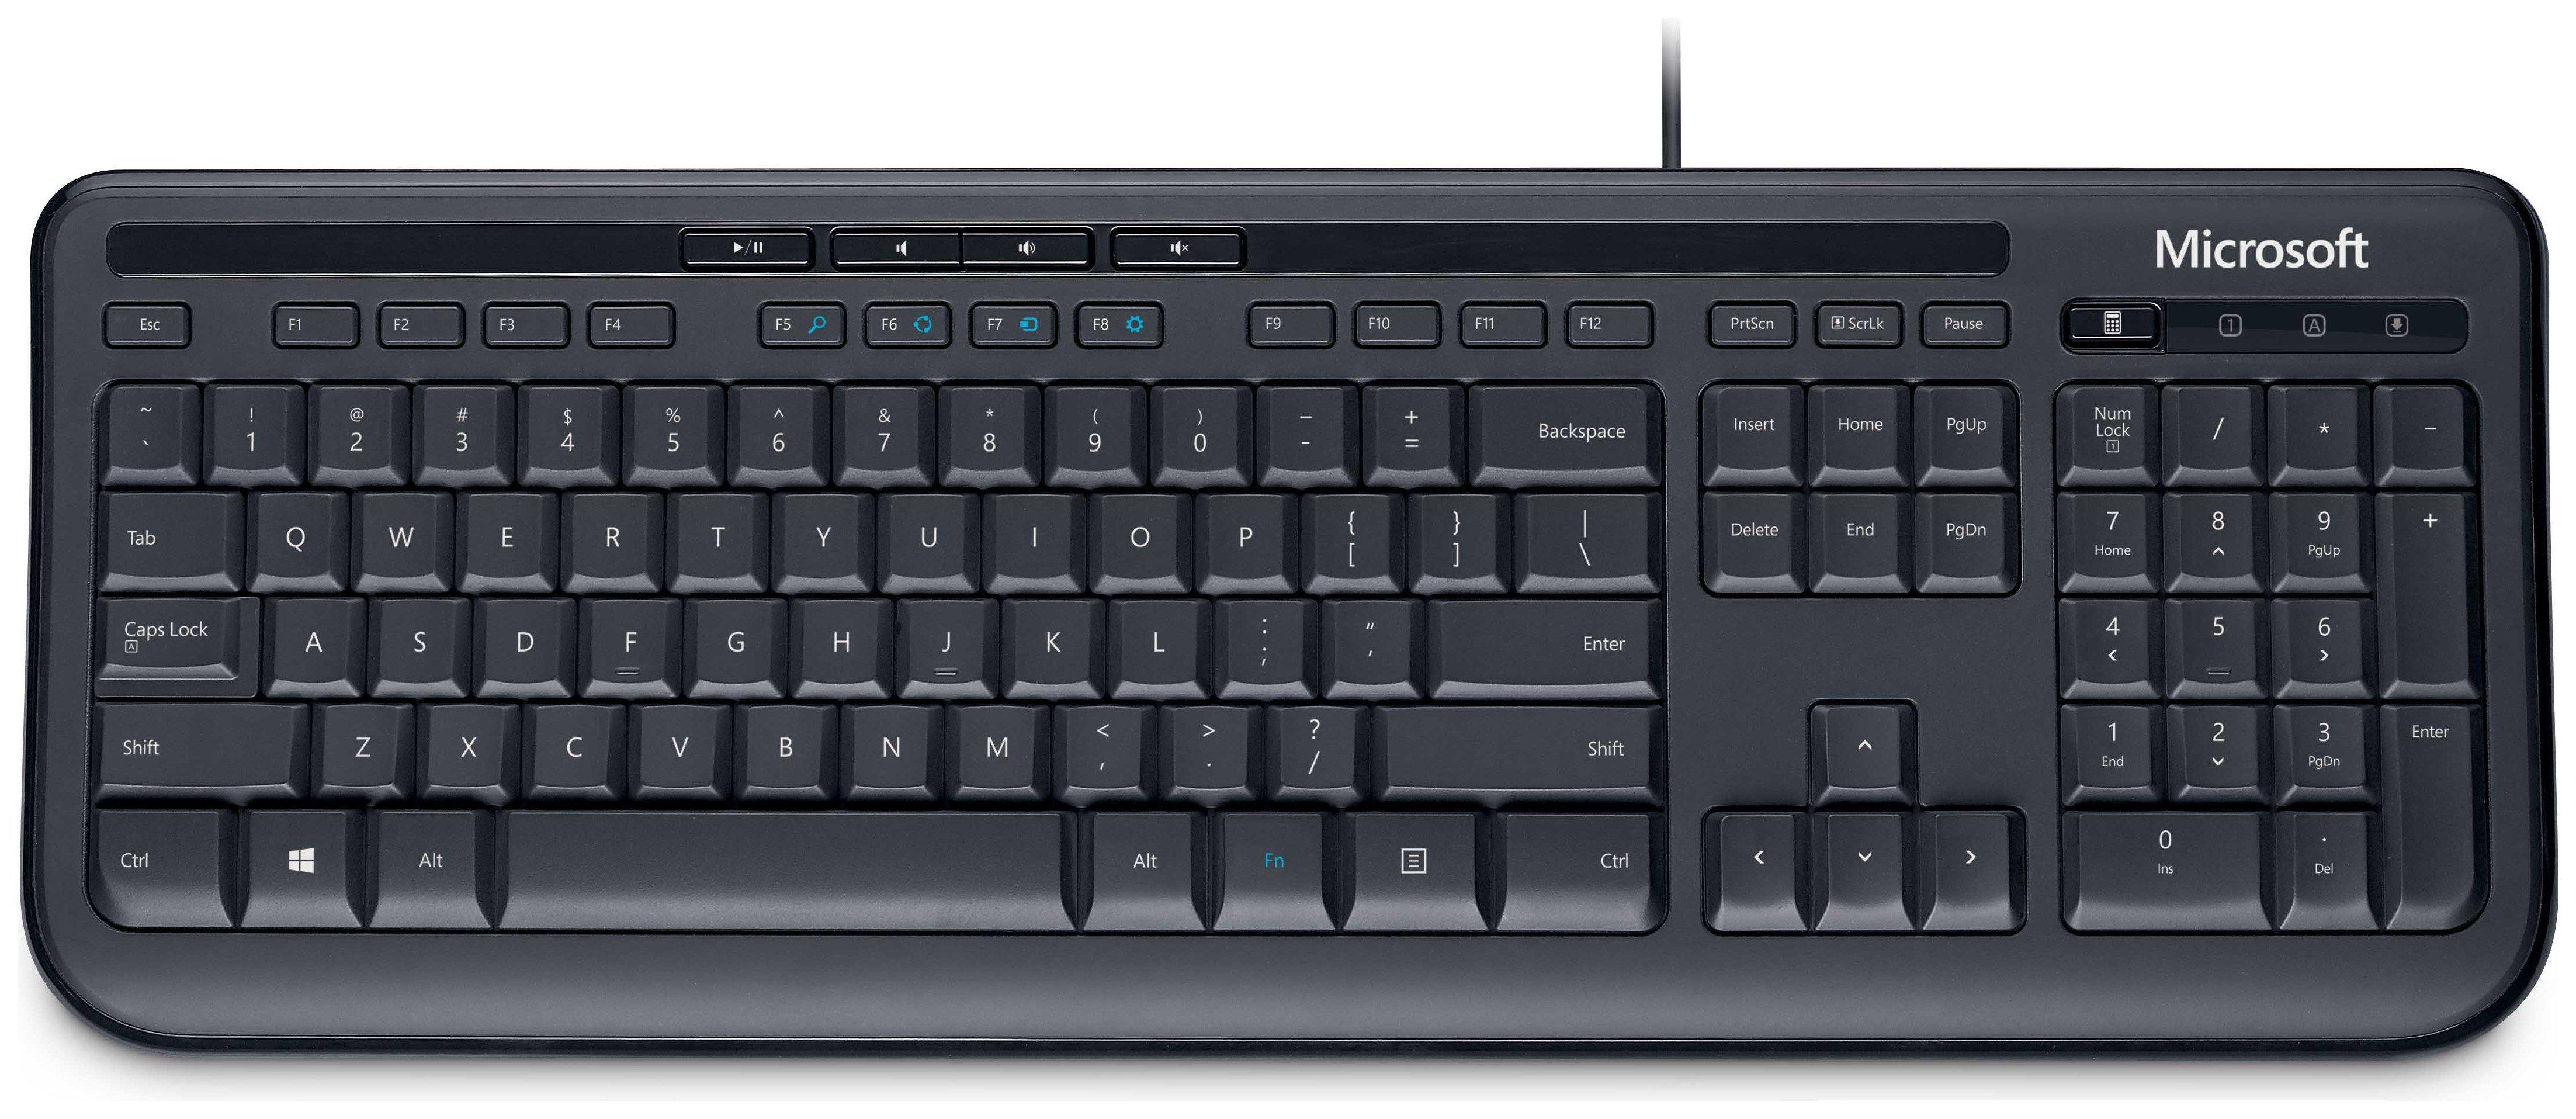 Microsoft 6000 Wired Keyboard - Black.